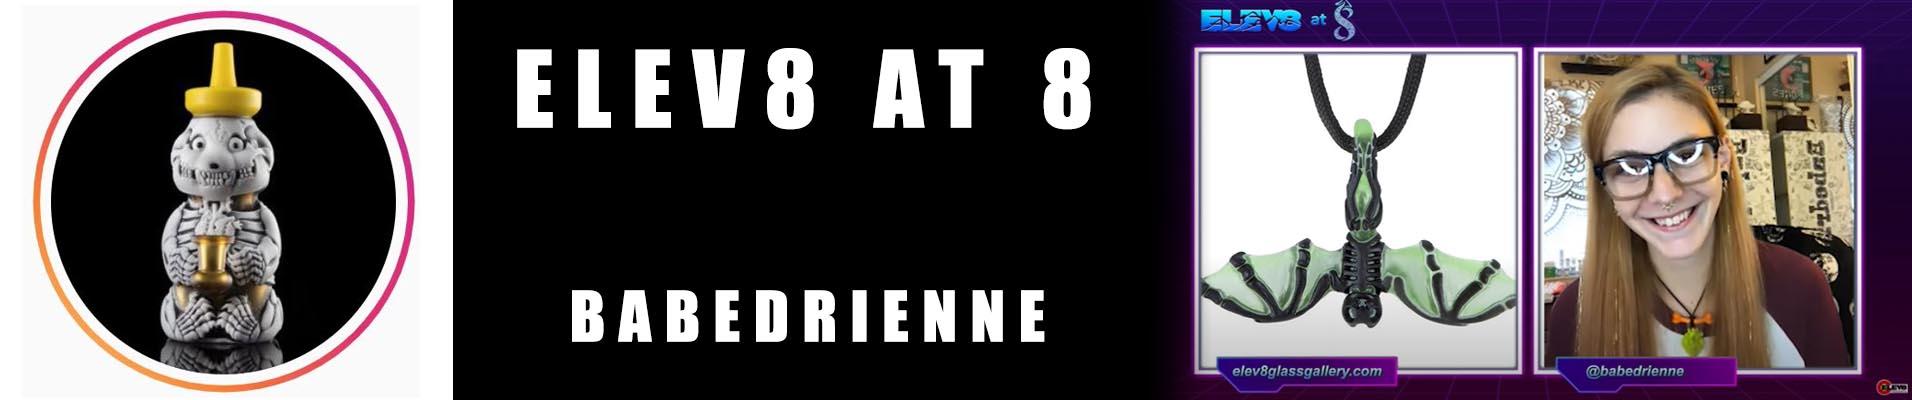 babedrienne-elev8-at-8-blog.jpg